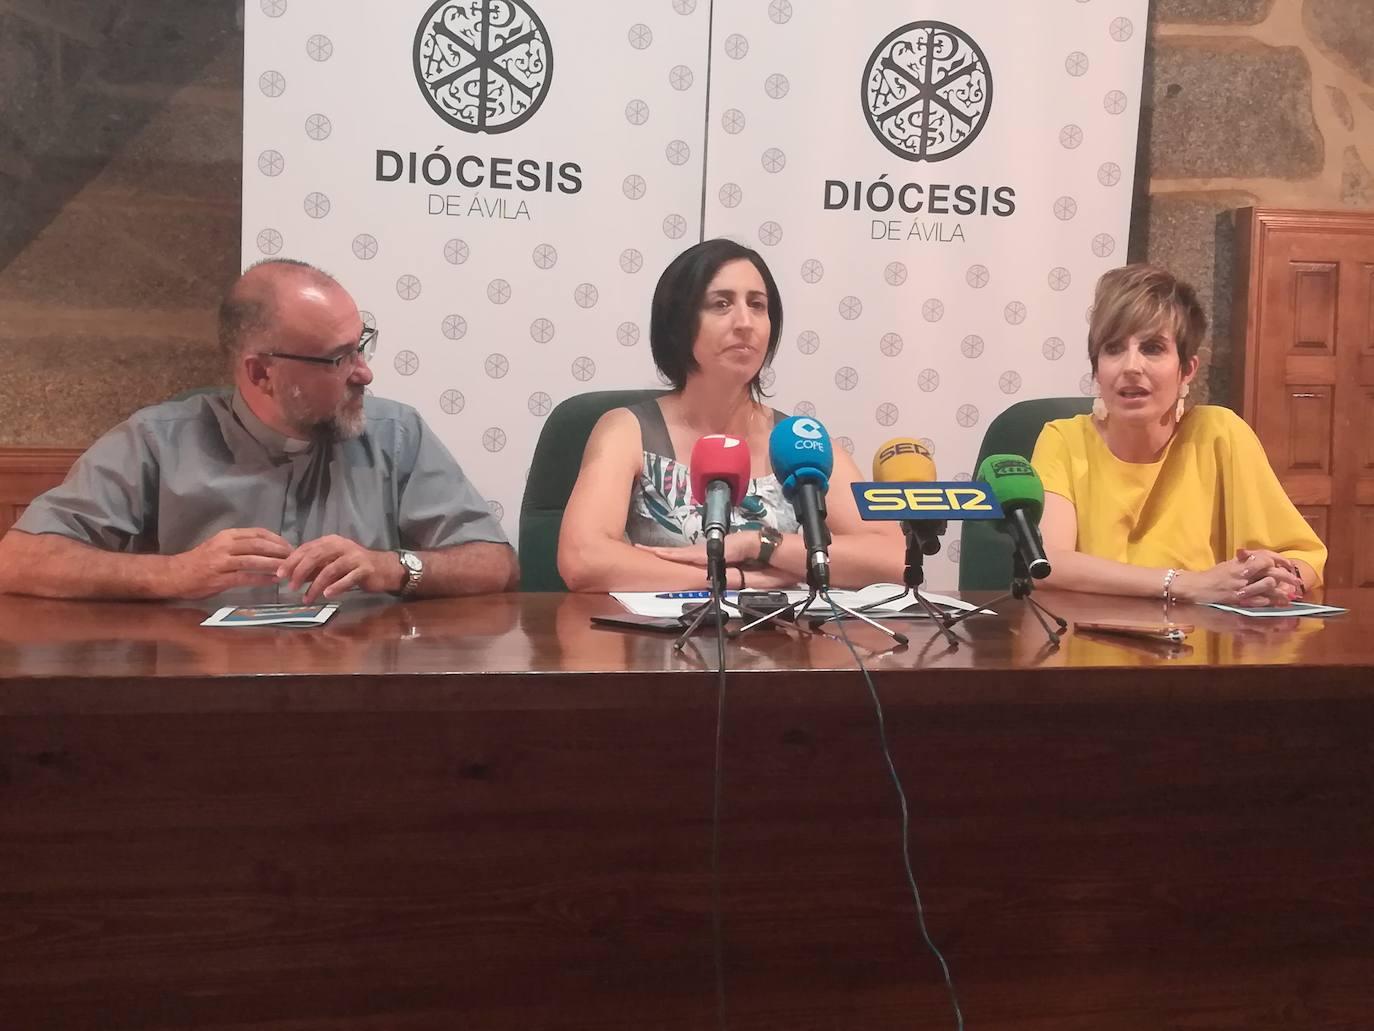 700 personas de toda España se darán cita en Ávila en el X Encuentro de laicos organizado por Acción Católica Nacional